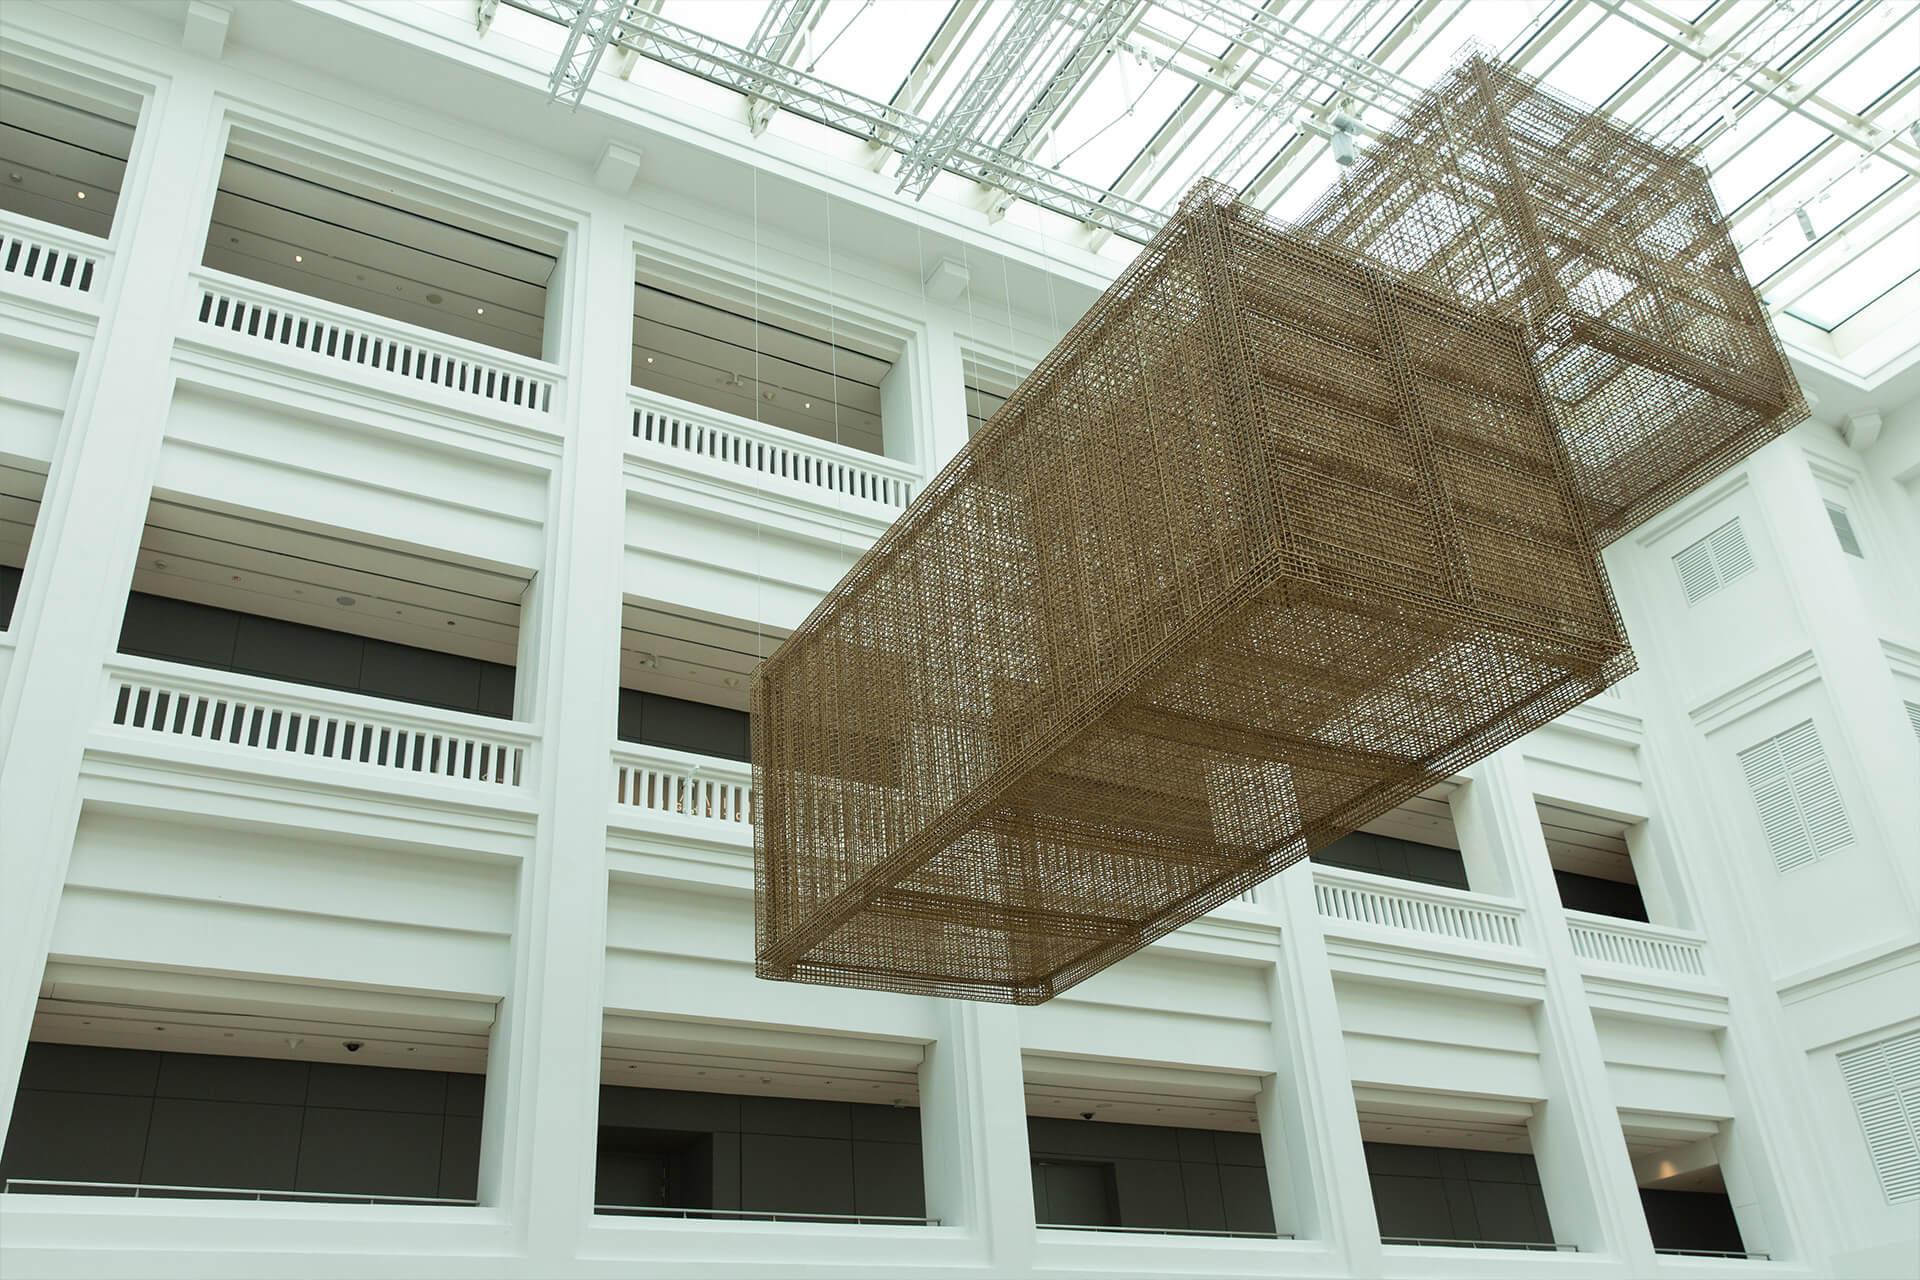 柬埔寨藝術家Sopheap Pich的《Cargo》是一個以竹、藤及金屬製作的一比一的船運貨櫃。作品吊在美術館的中央上空,猶如批判著資本主義。